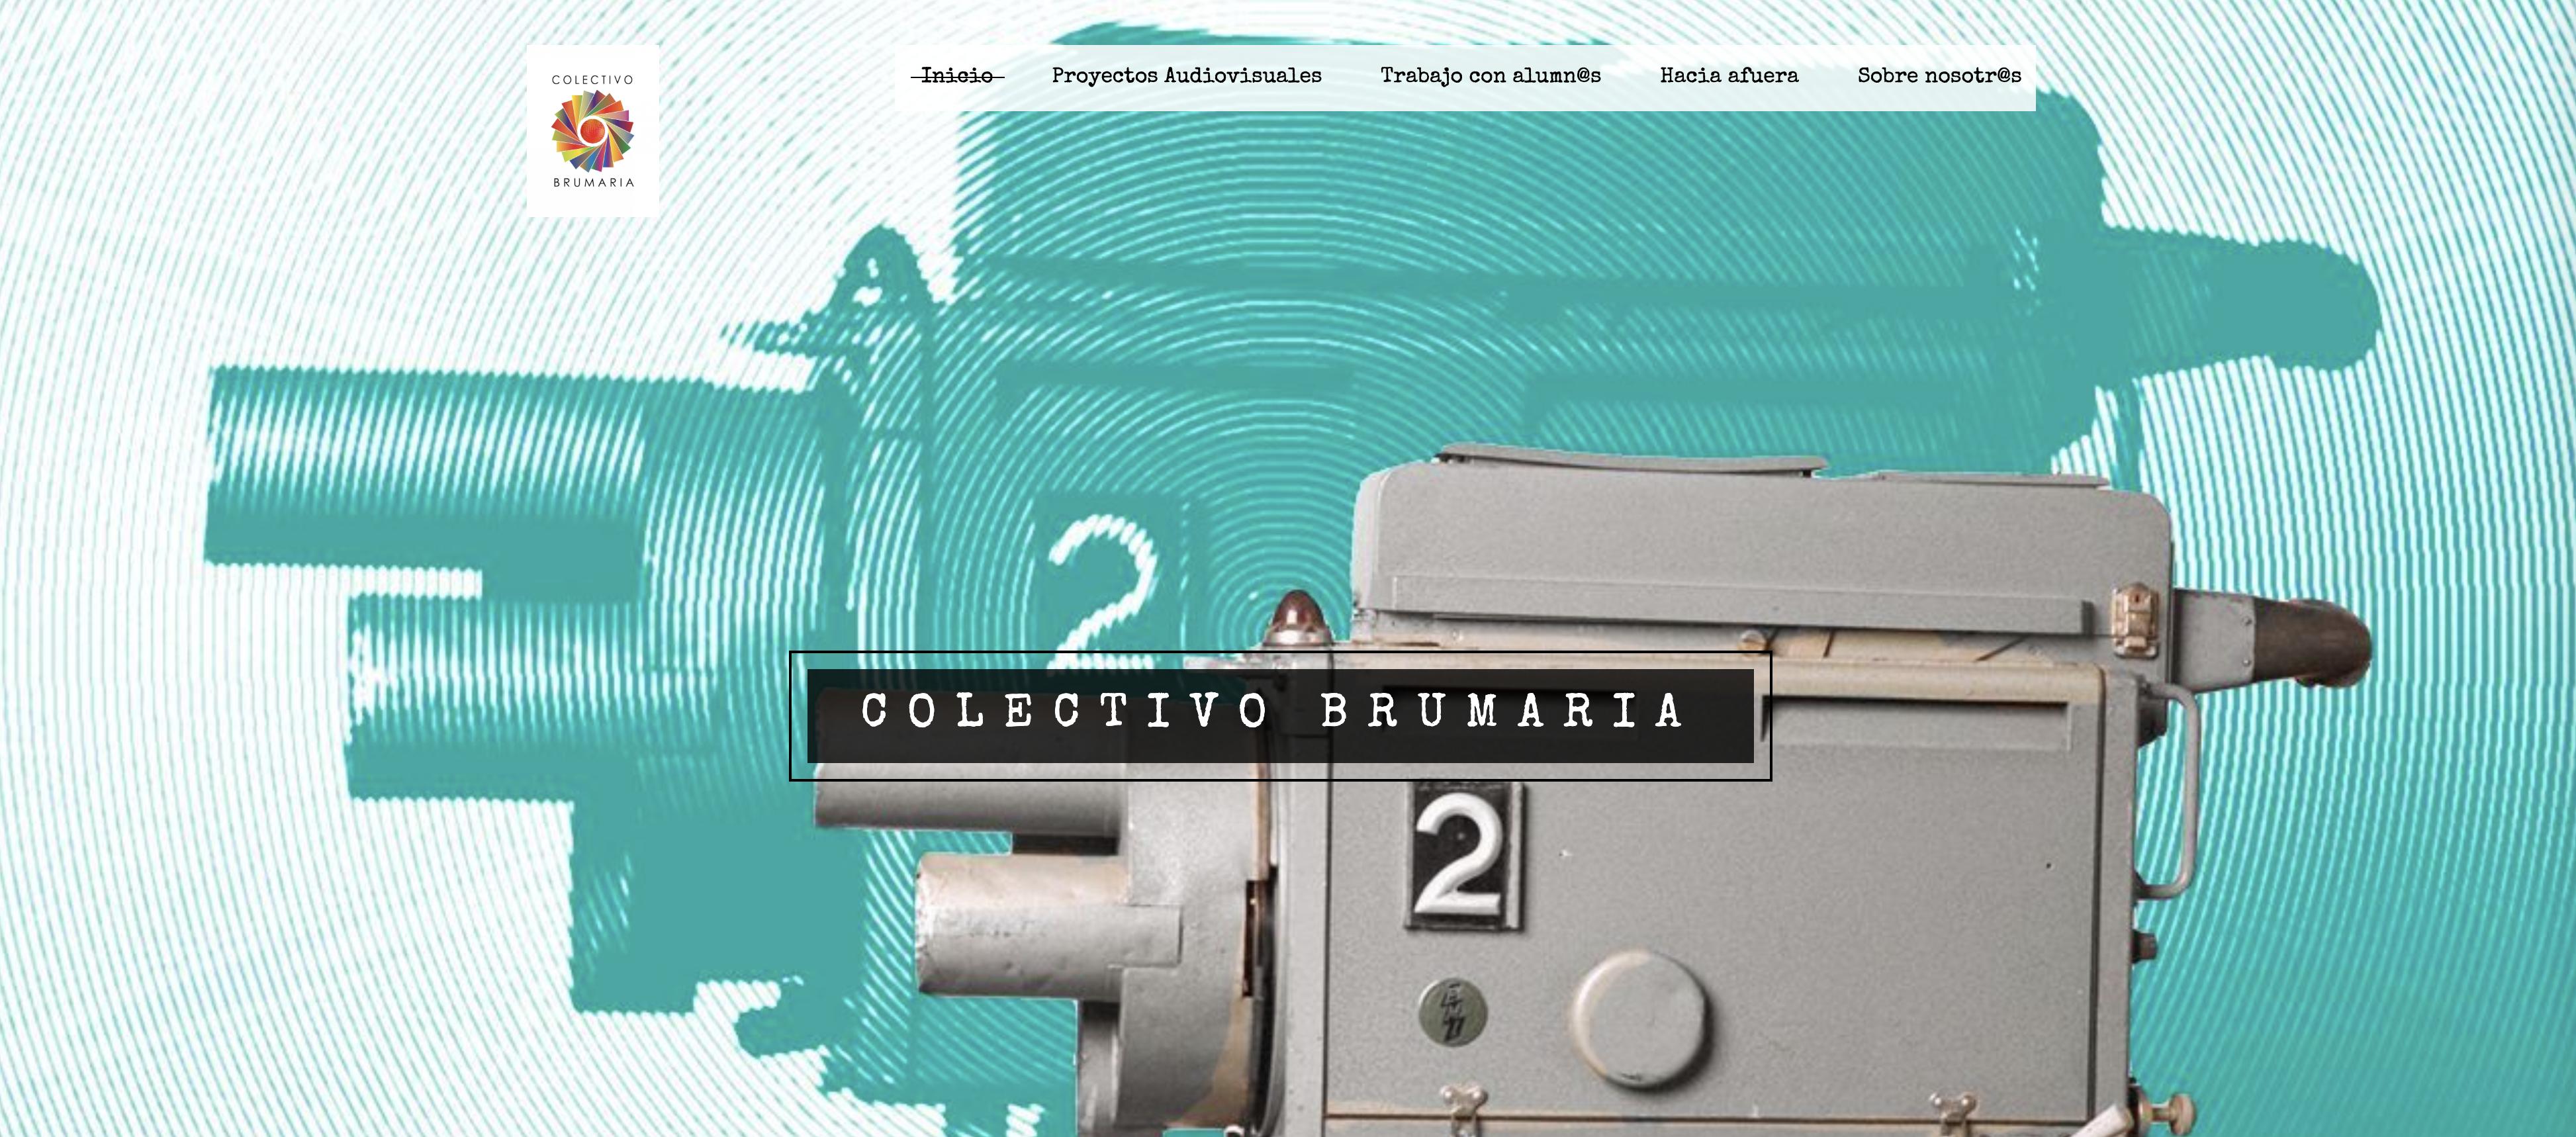 Premio Colectivo Brumaria para el IZV